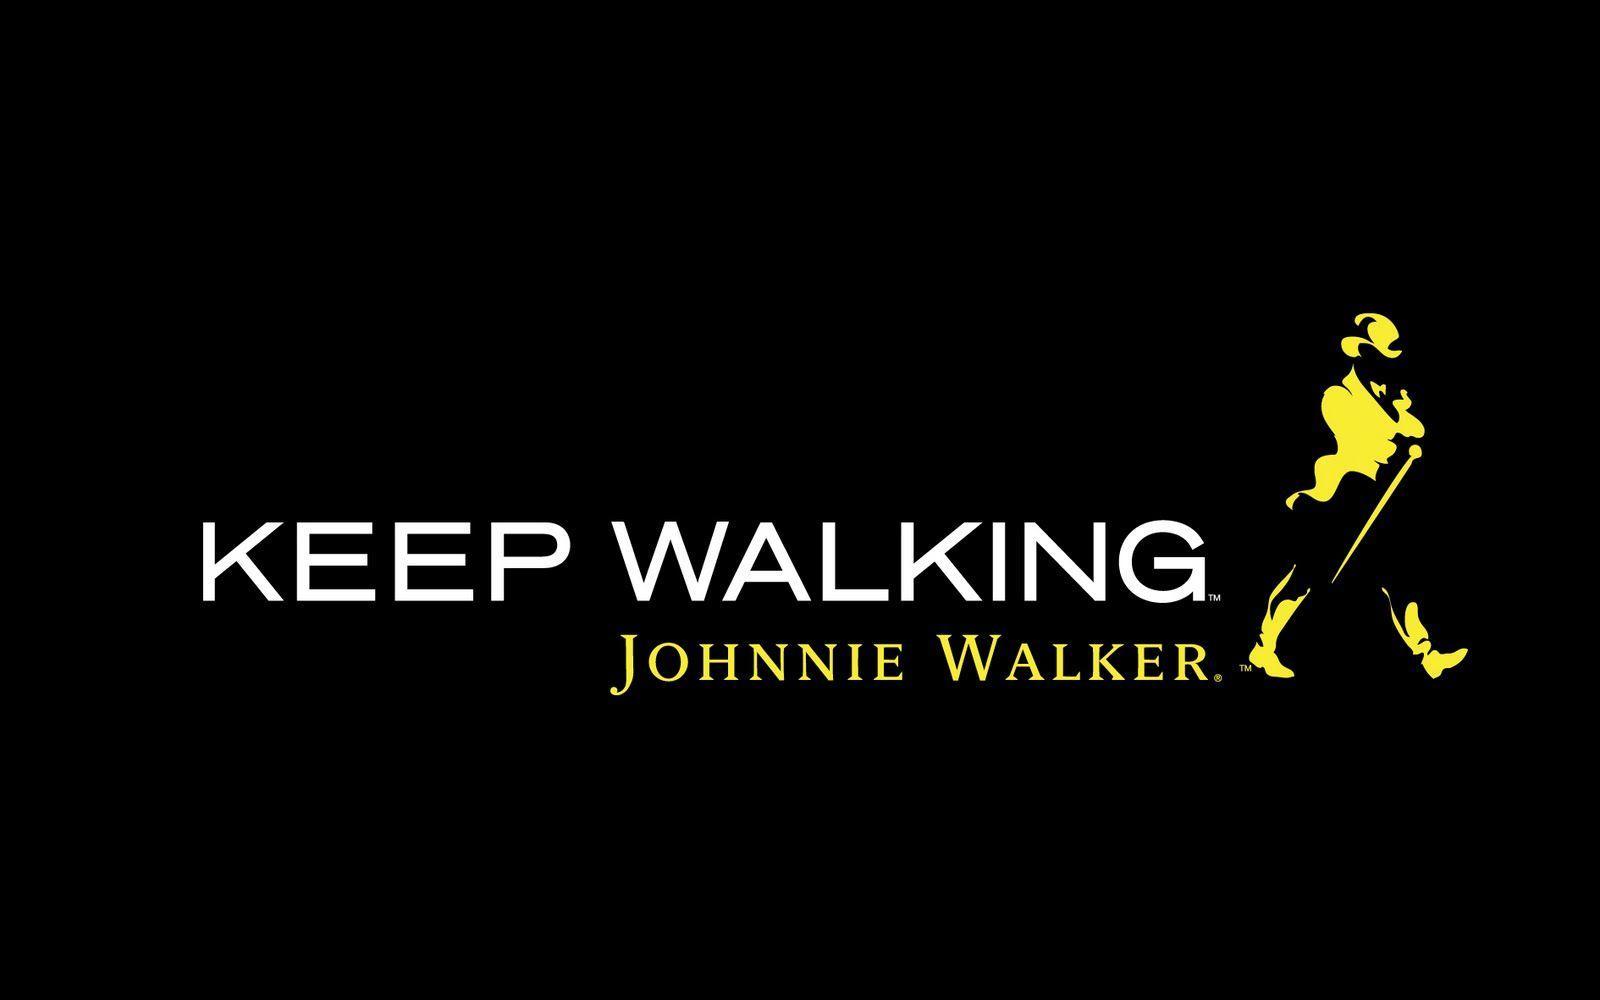 johnnie walker 1080x1920